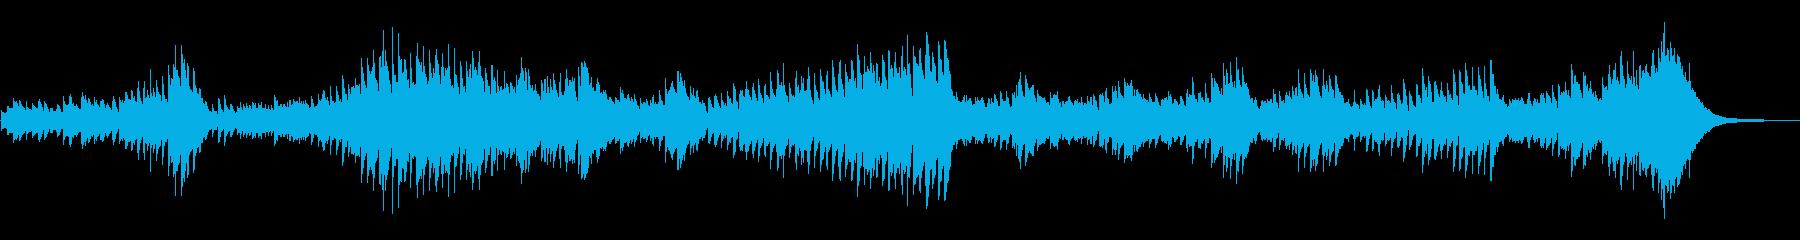 暗闇をイメージさせる重々しいピアノ曲の再生済みの波形